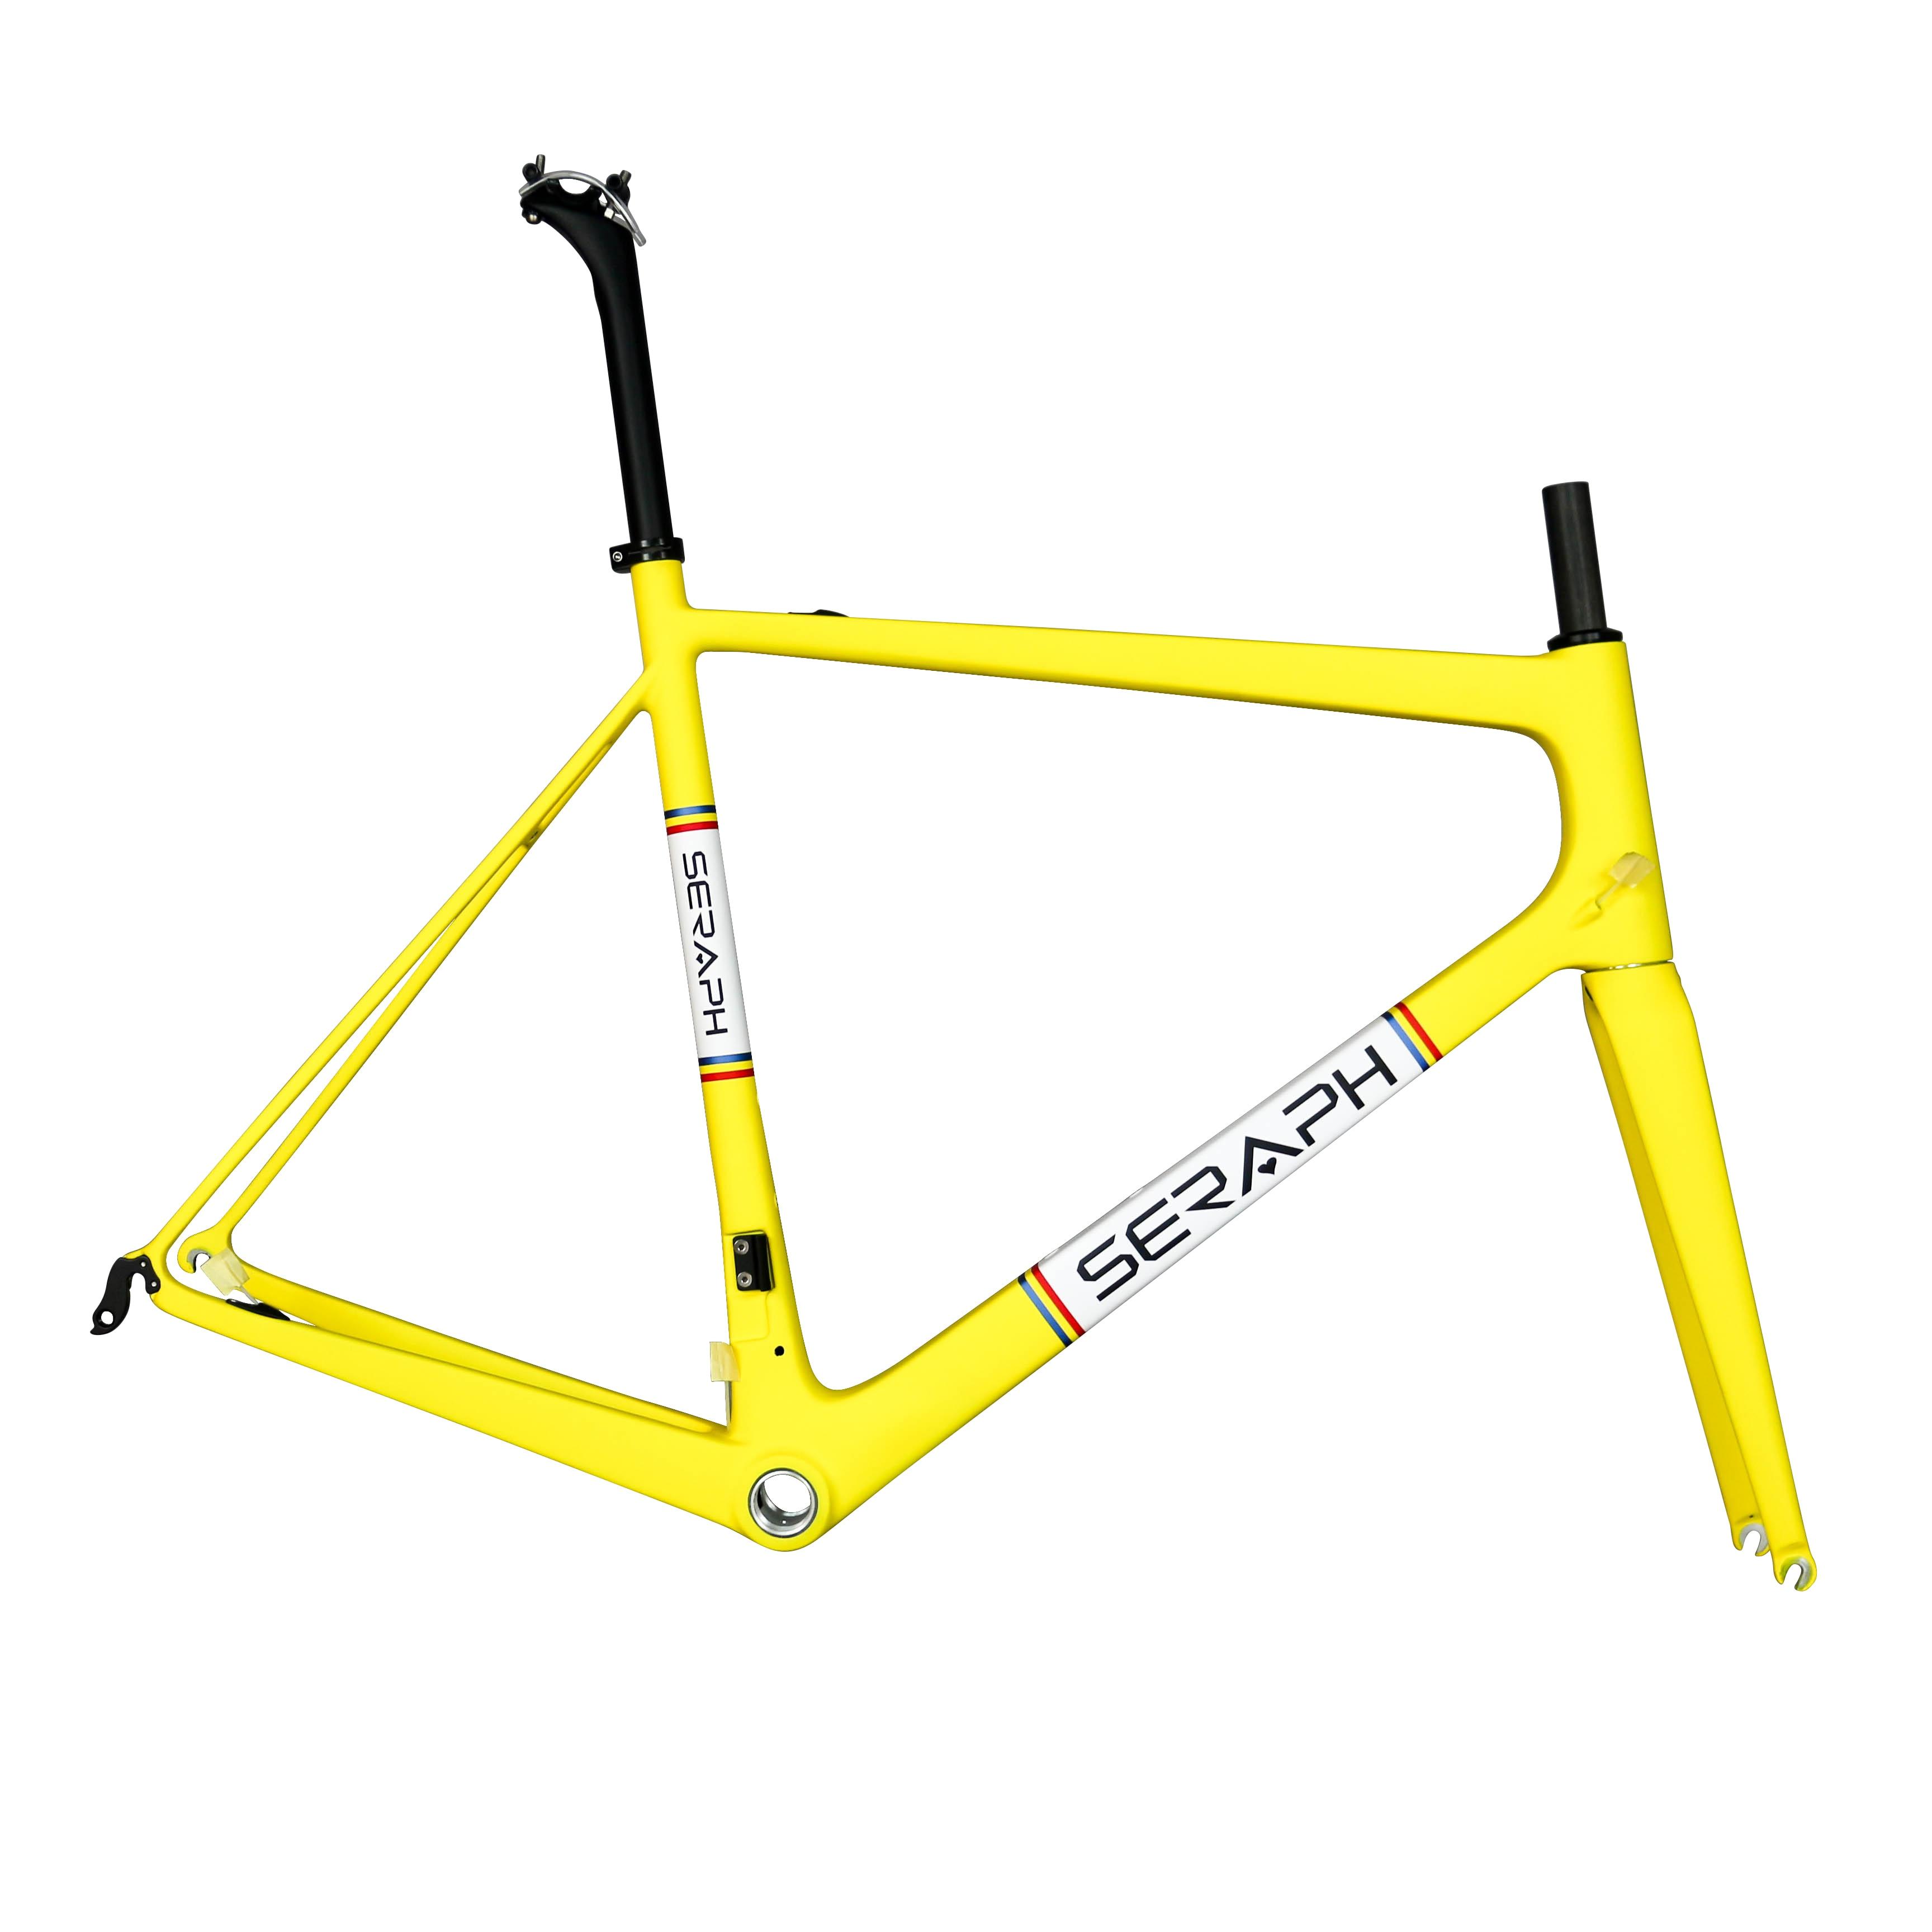 2019 Seraph New Desgin Yellow Color Carbon Fiber T800 UD Road Bike Frame Fm686 Accept Customized Paint/logo